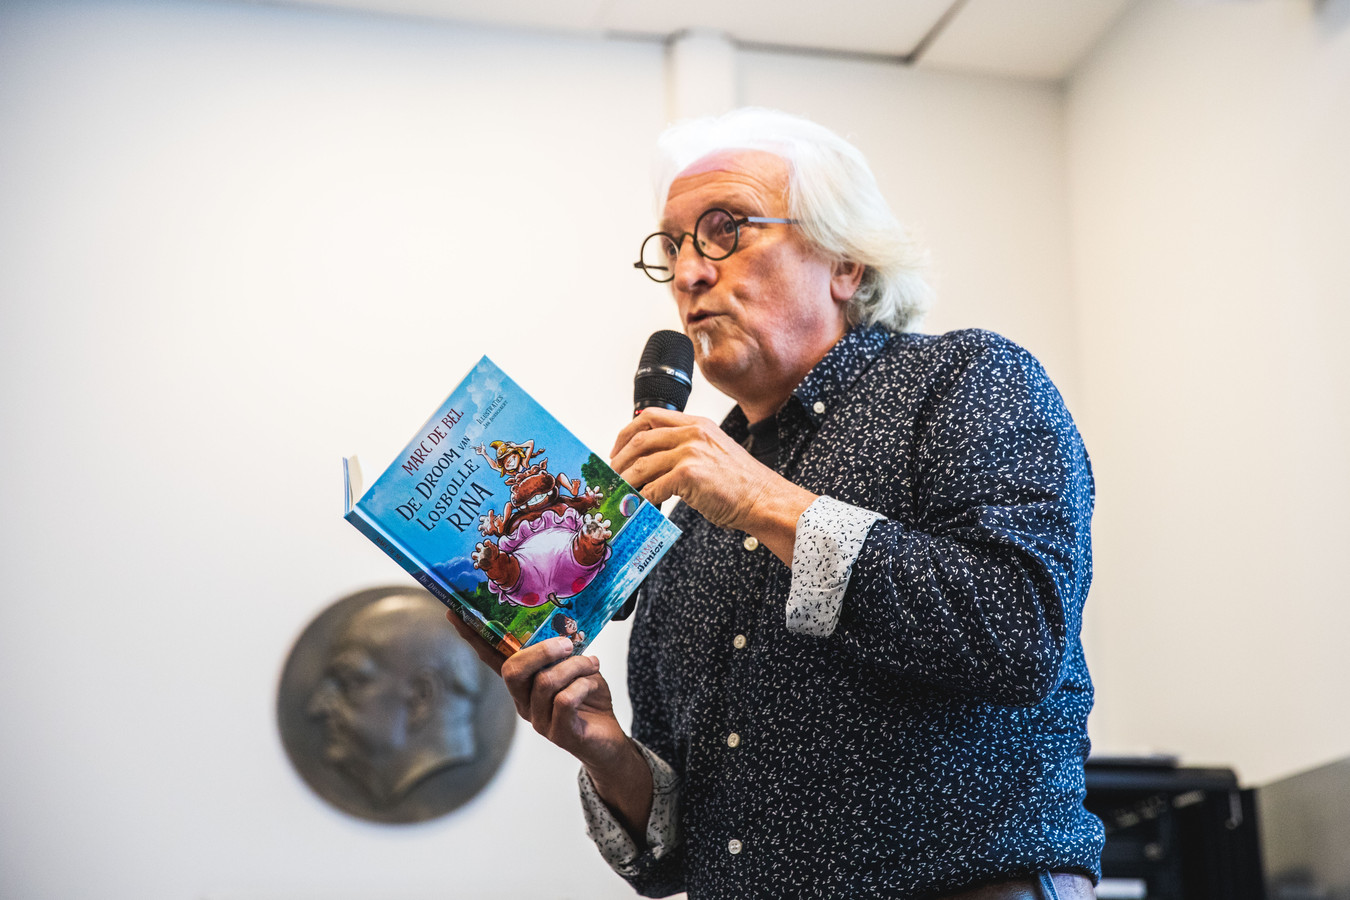 Marc De Bel wil met zijn nieuwe boek 'De droom van losbolle Rina' misverstanden uit de wereld helpen over diabetes type 1.